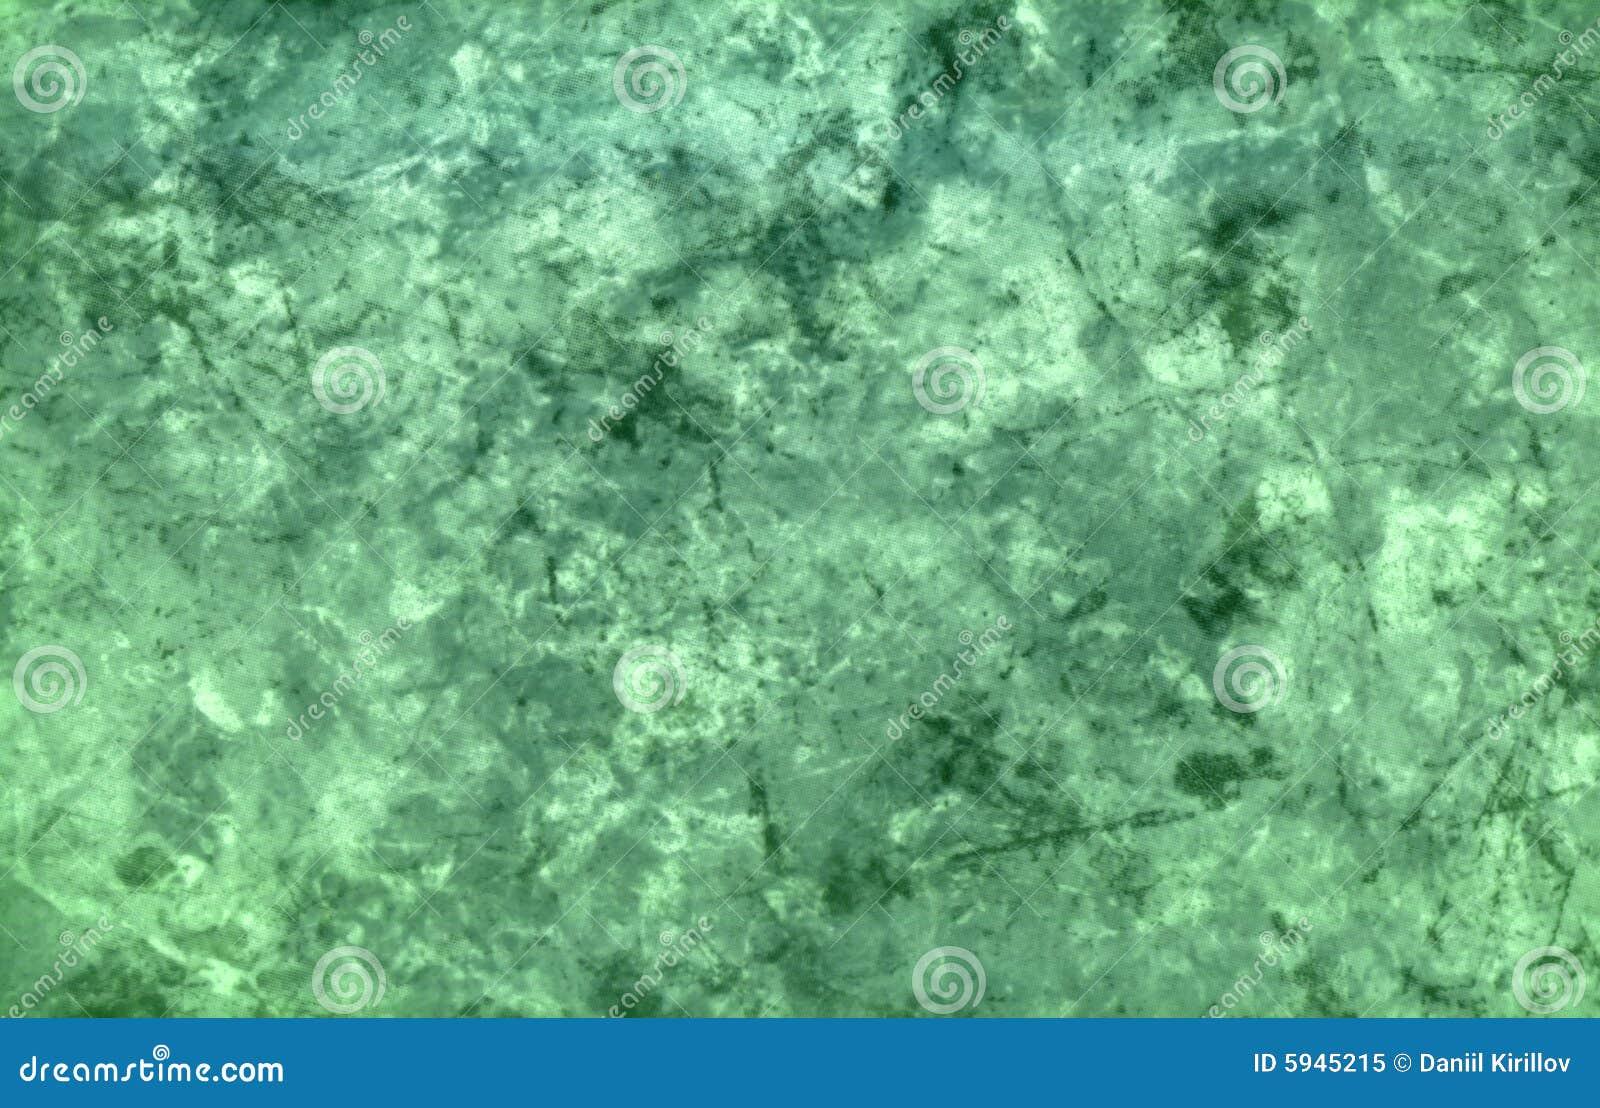 Grön textur för marmorstenyttersida